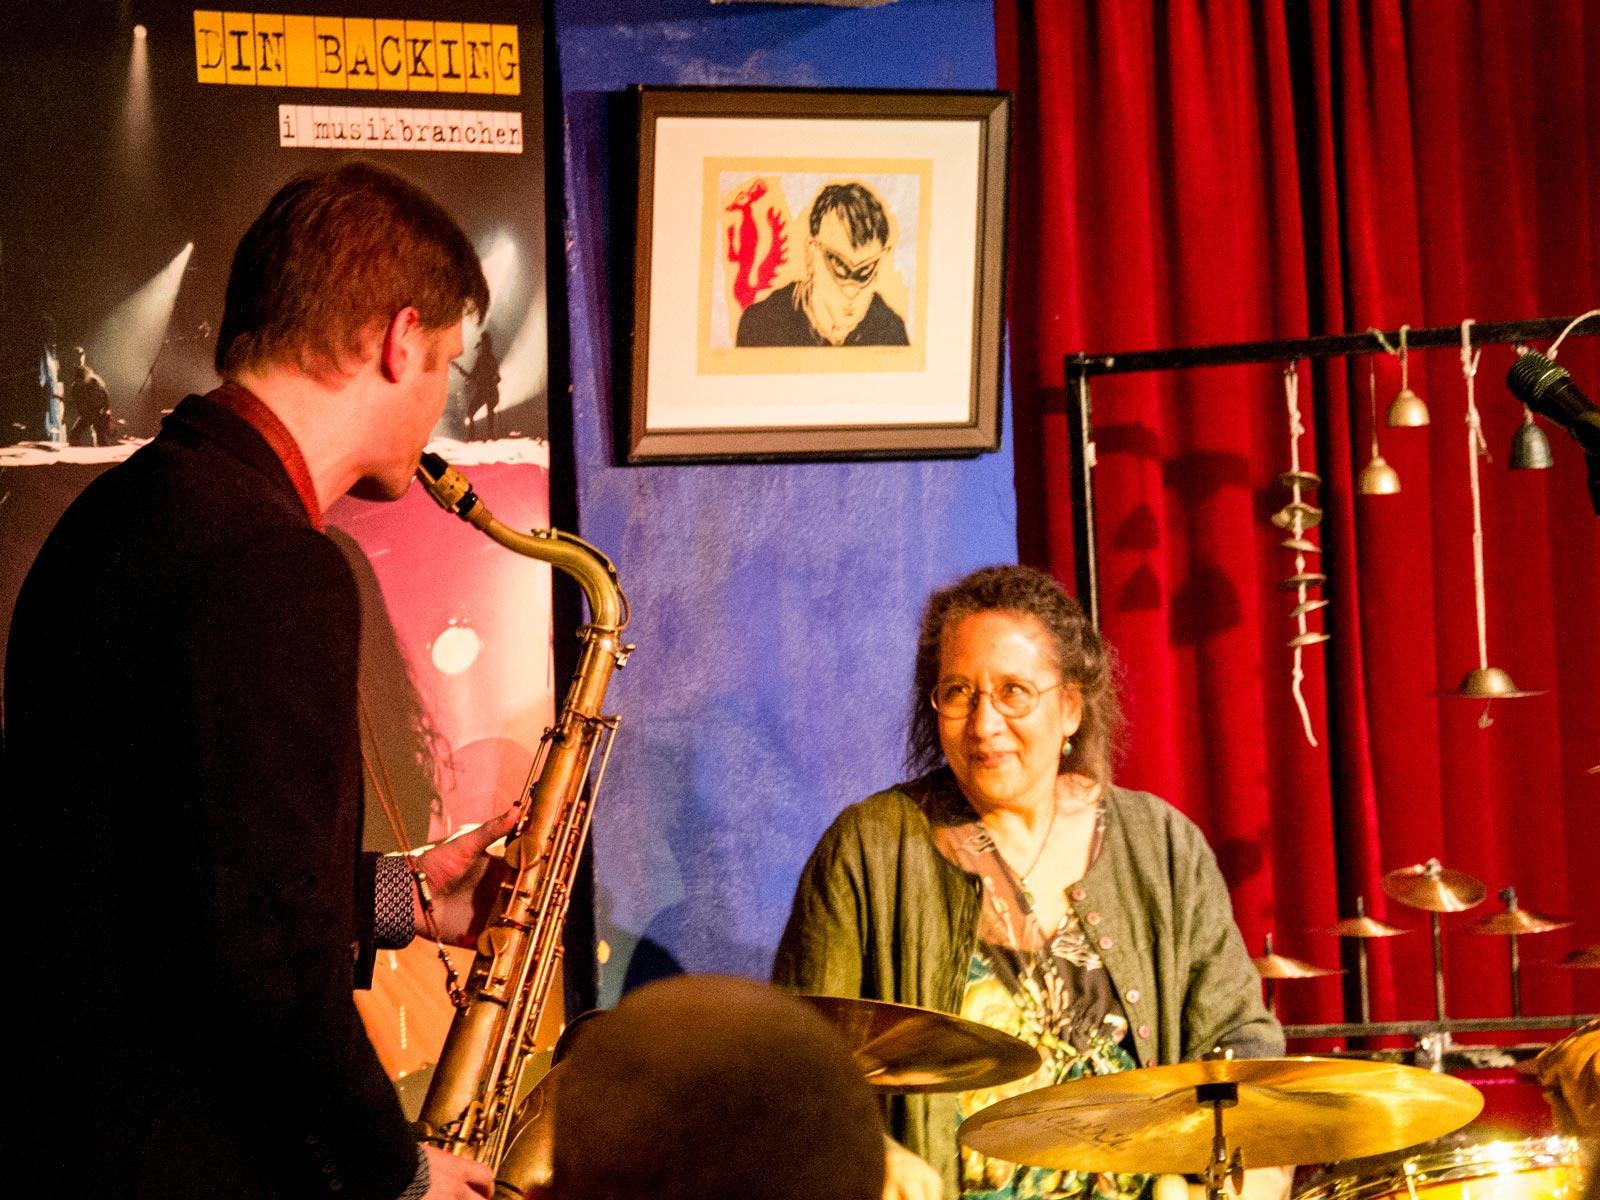 Saxofonista Luboš Soukup si zahrál s bubenicí Marylin Mazur po převzetí ceny Objev roku 2017